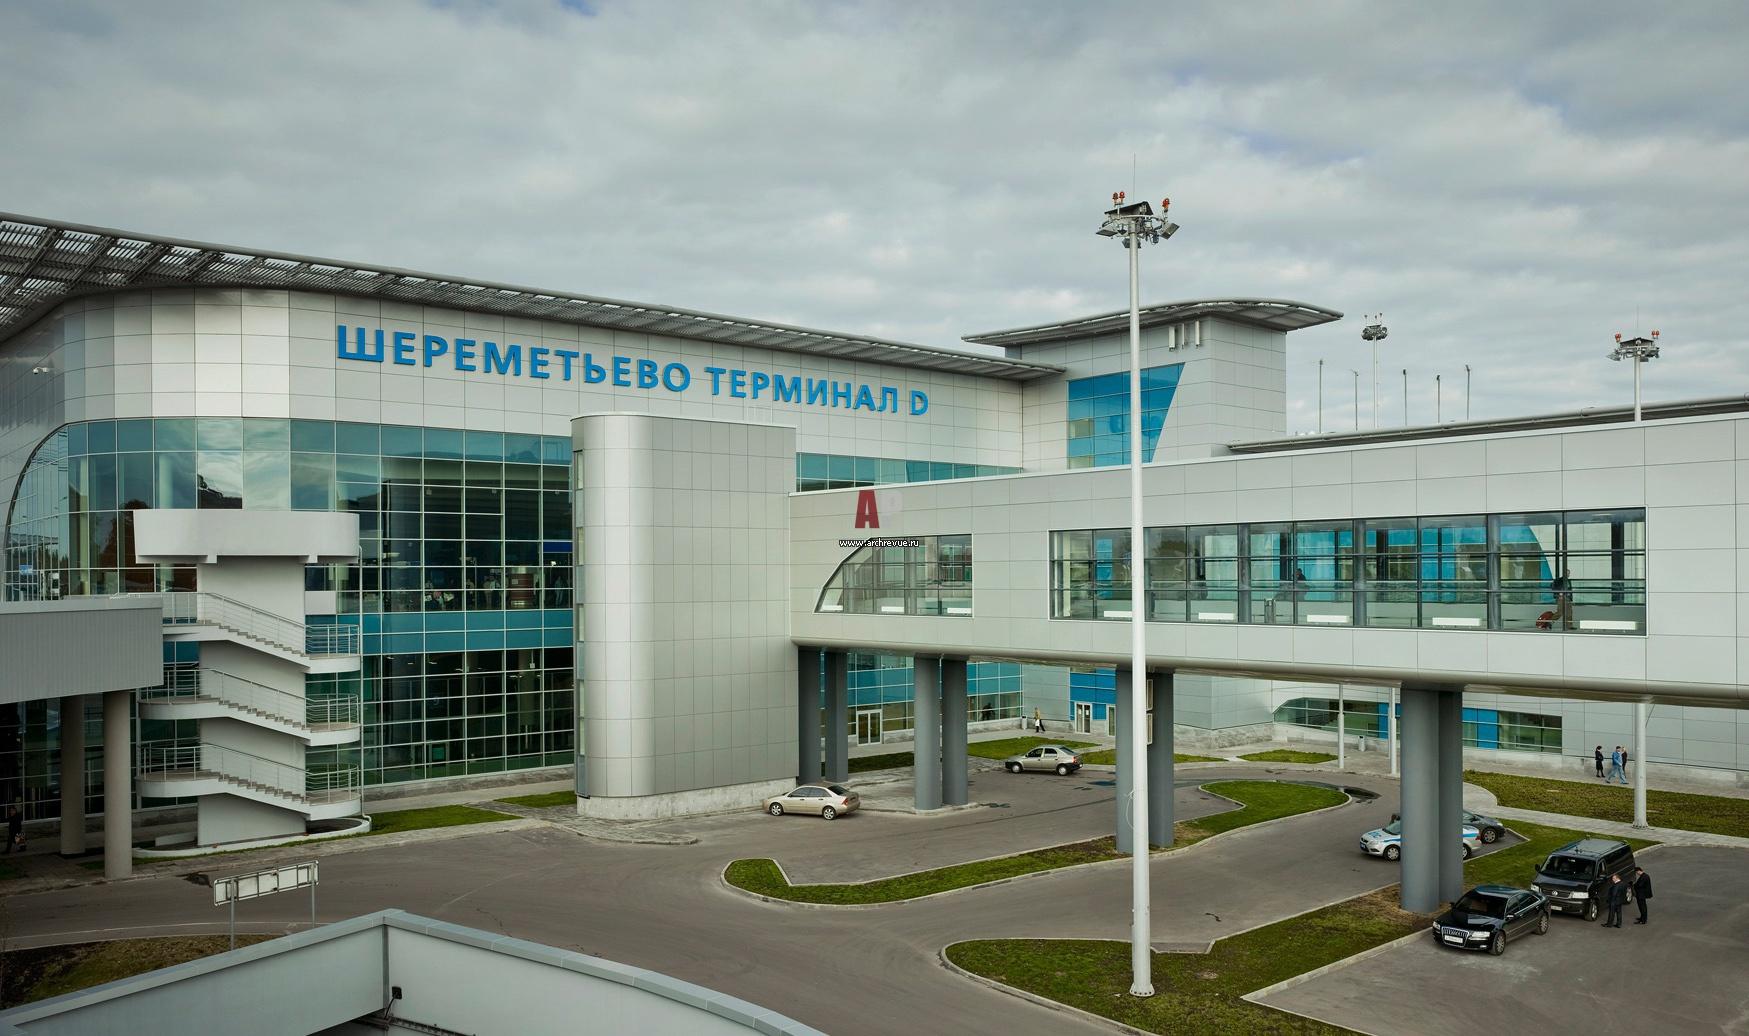 Терминал Д, Шереметьево